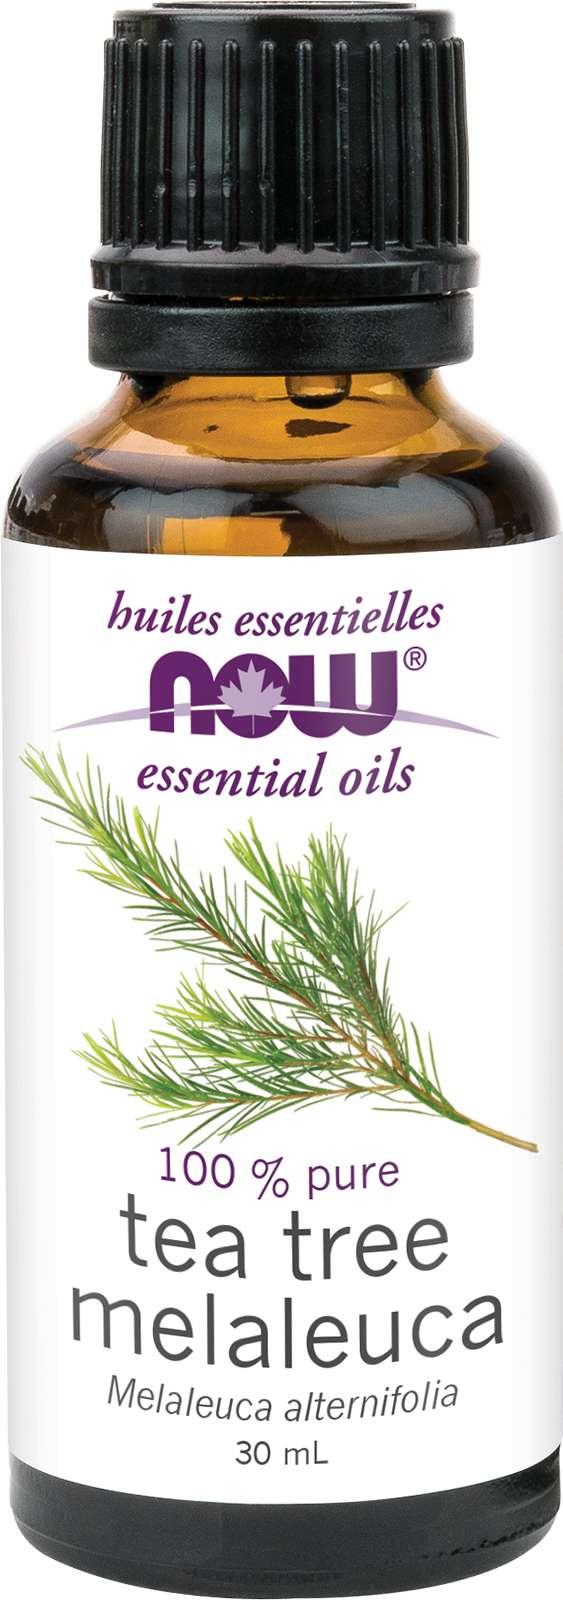 Tea Tree Oil (Melaleuca alternifolia)